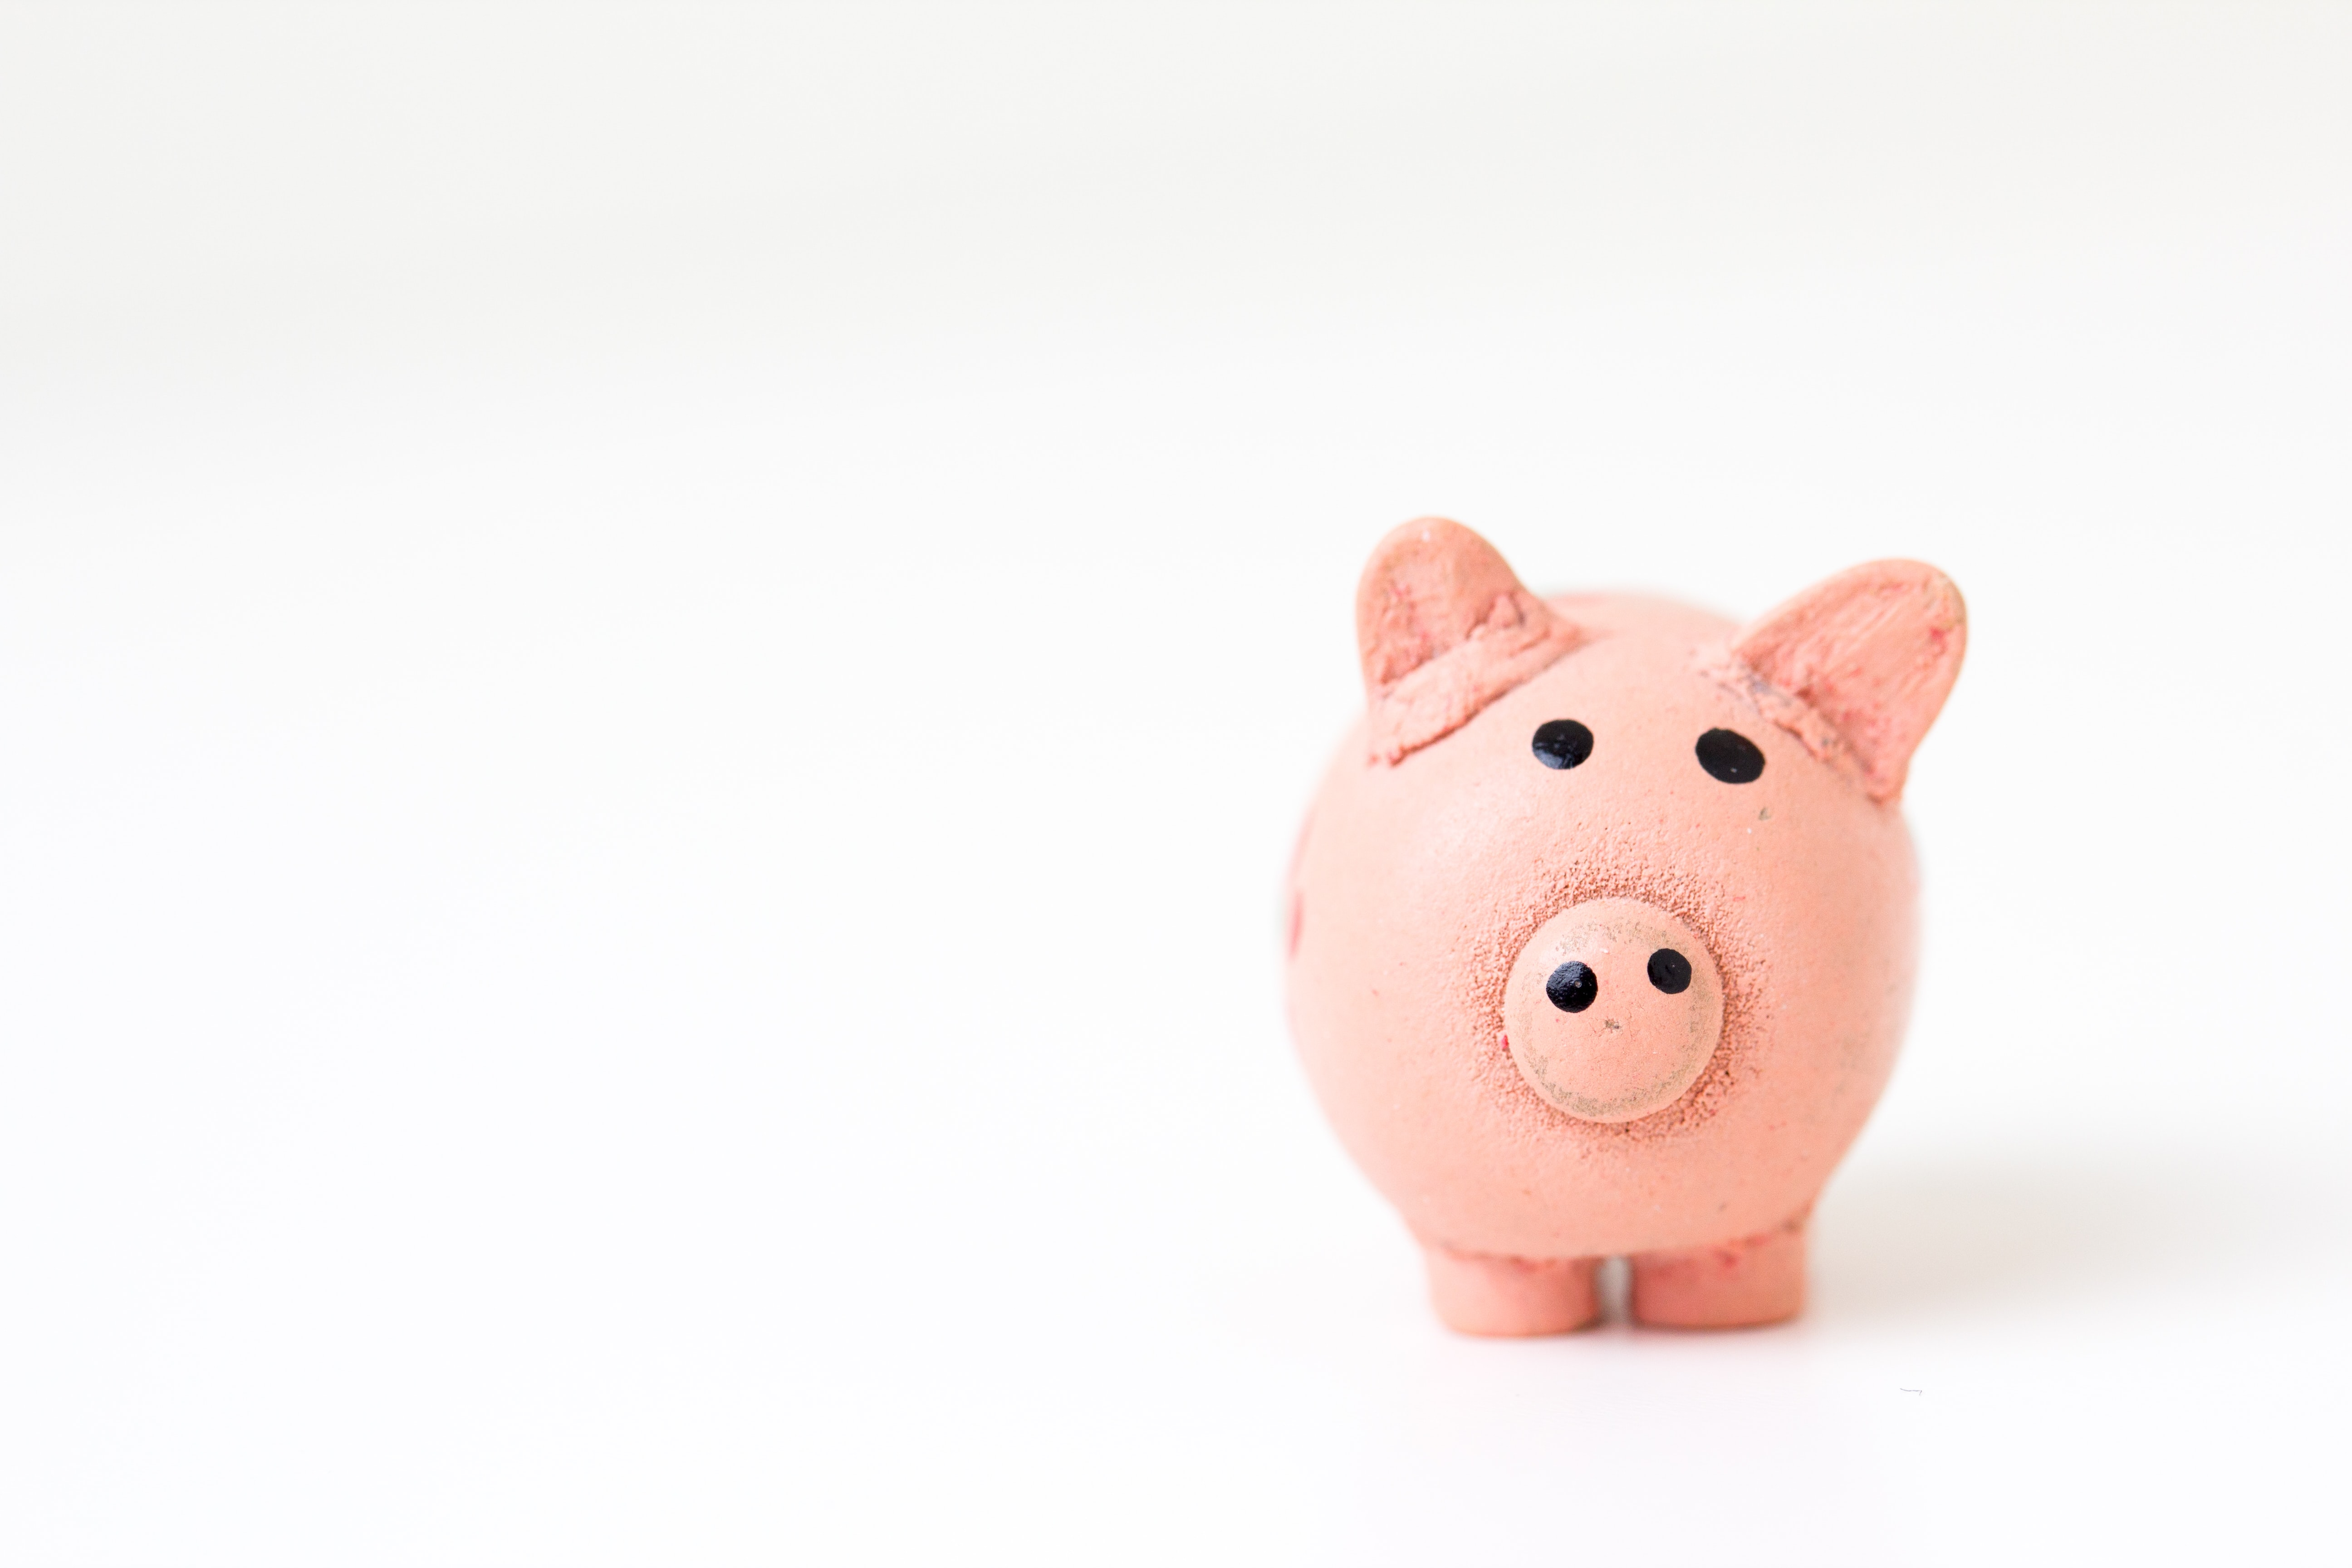 分散式金融到底是什么?| 分散式金融解释道: Part 1 0001